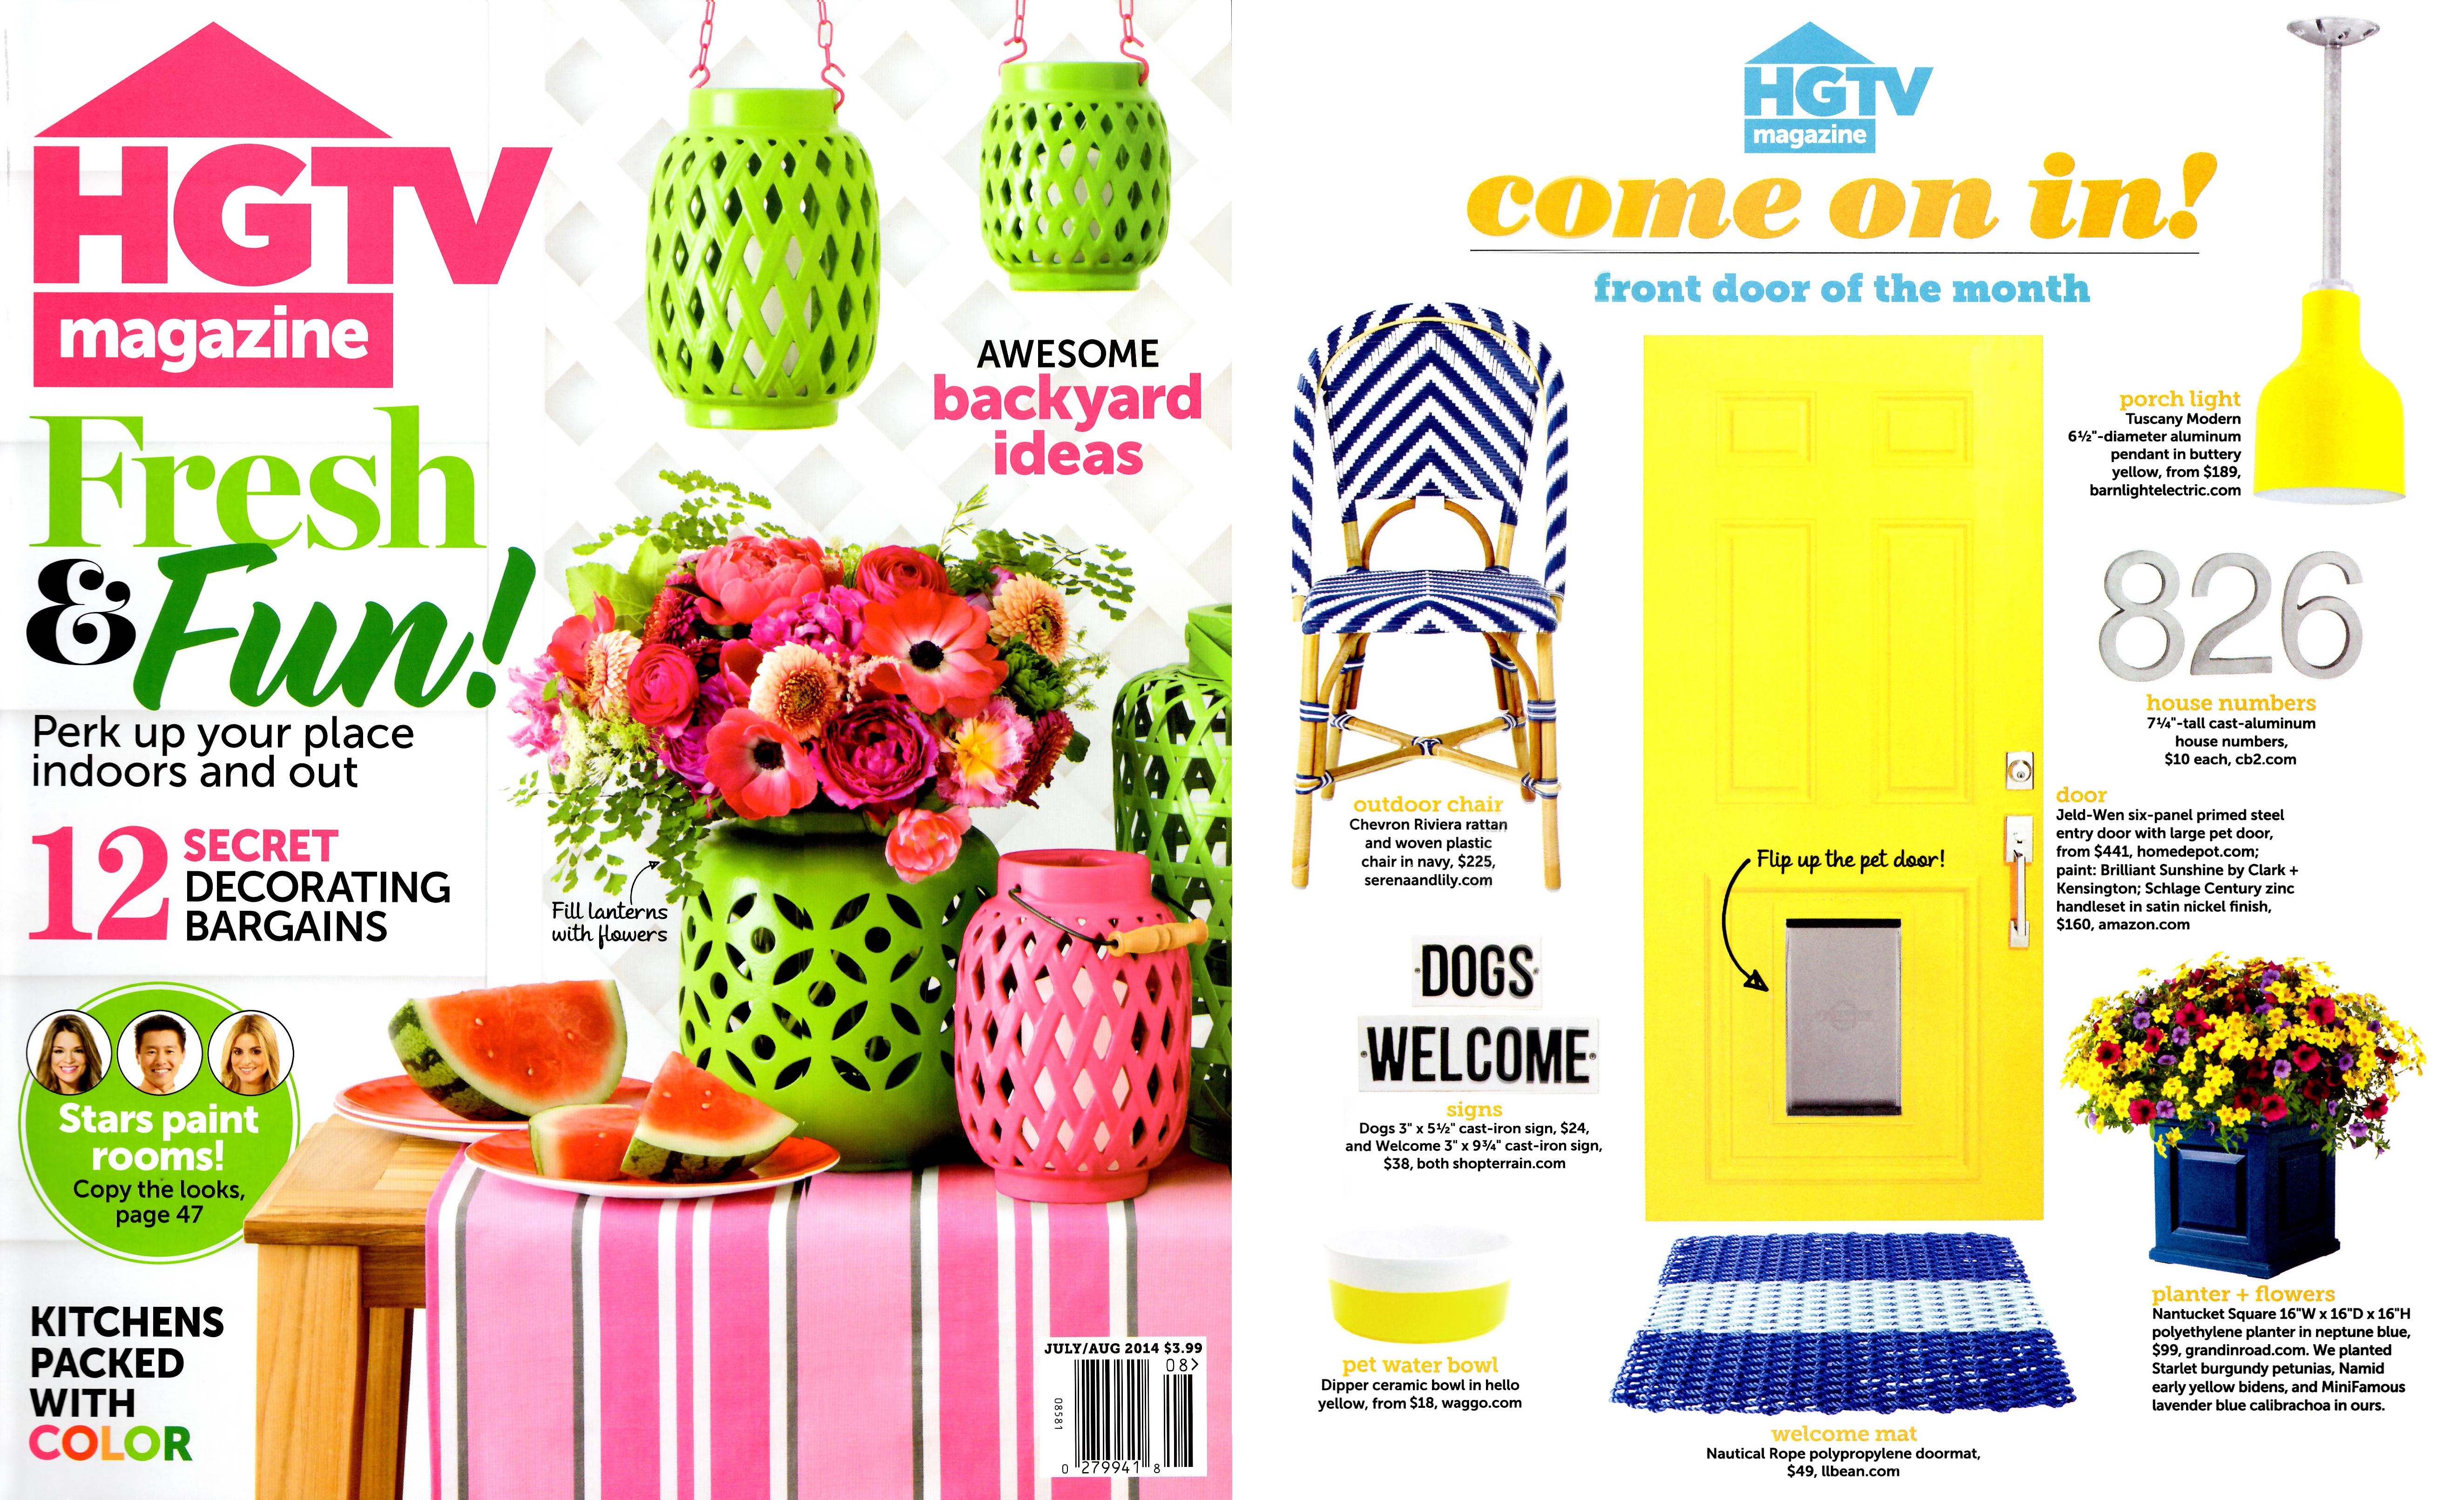 HGTV Magazine July 2014 Durable Washable Ceramic Dog Dish